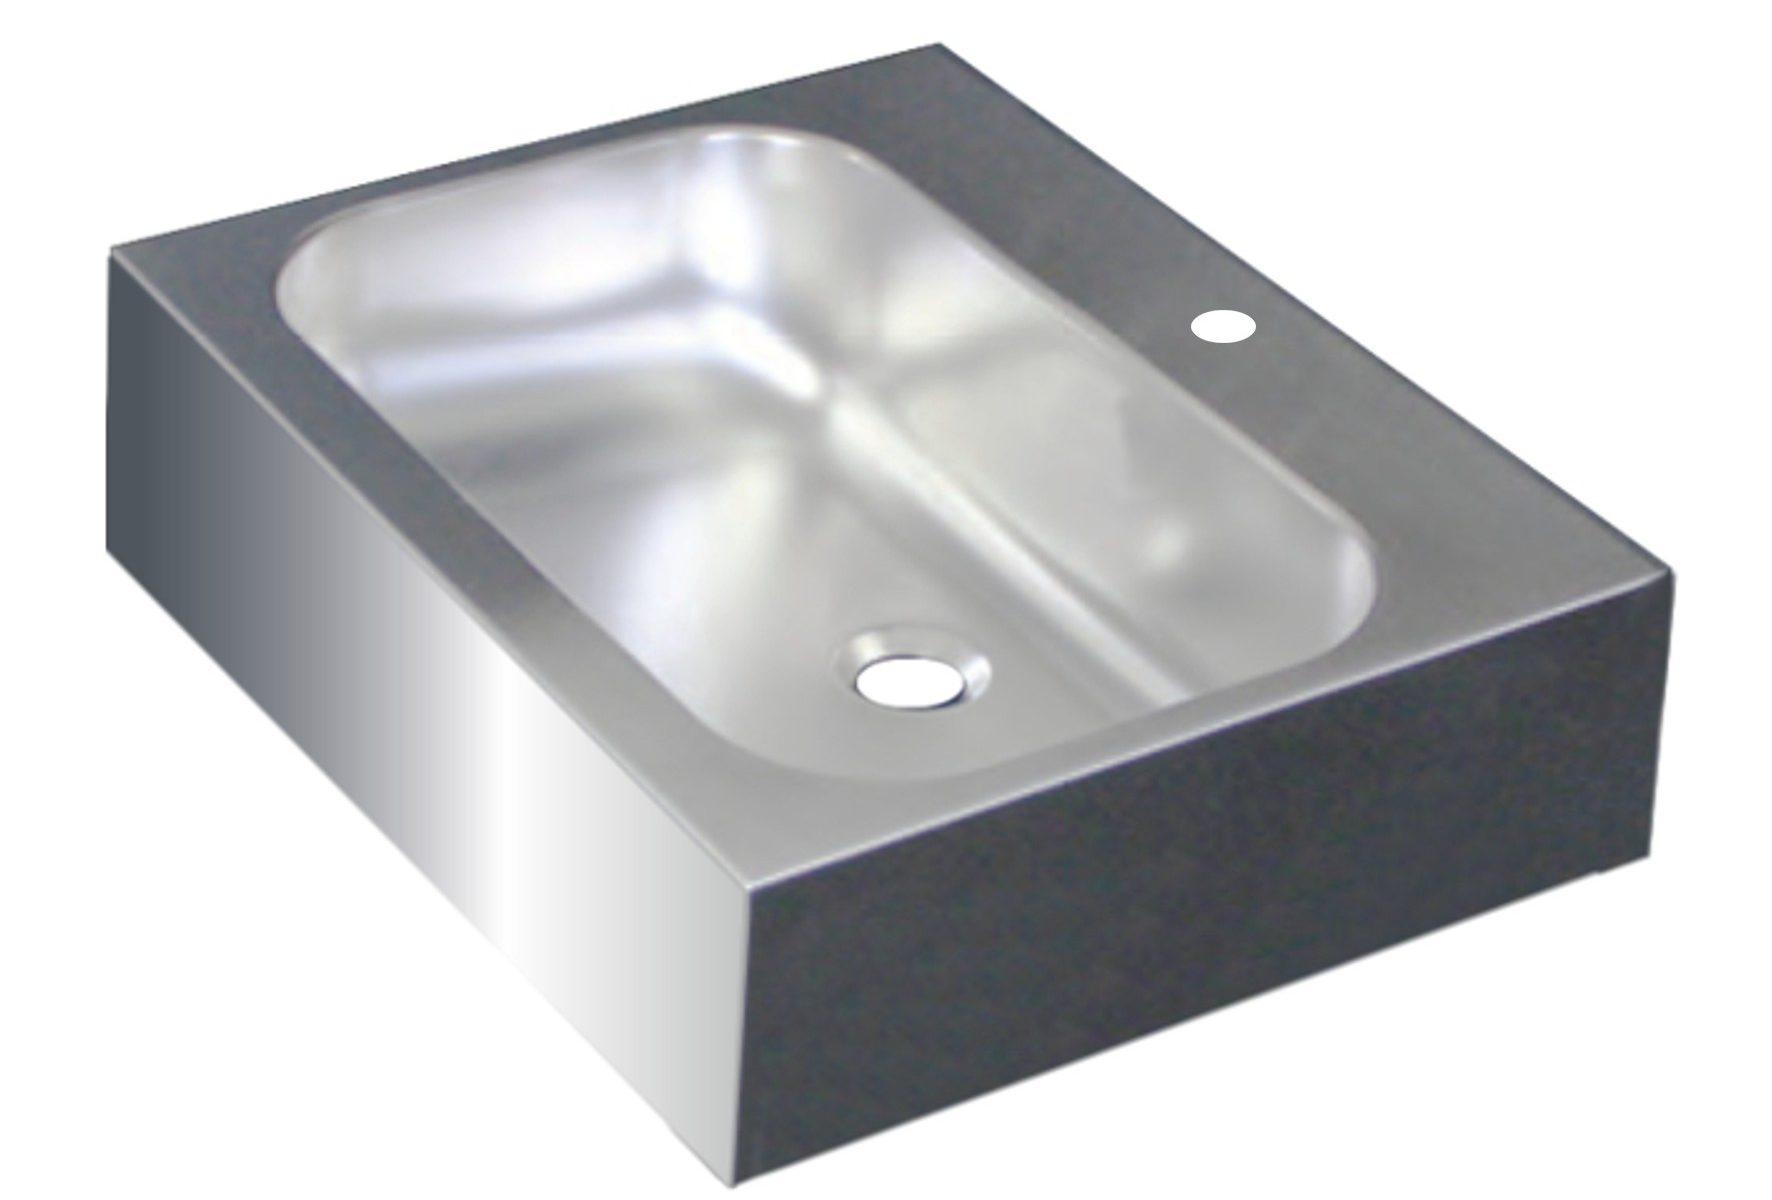 Edelstahl Waschtisch GEOMETRIK 55x44 ohne Überlauf mit Hahnloch